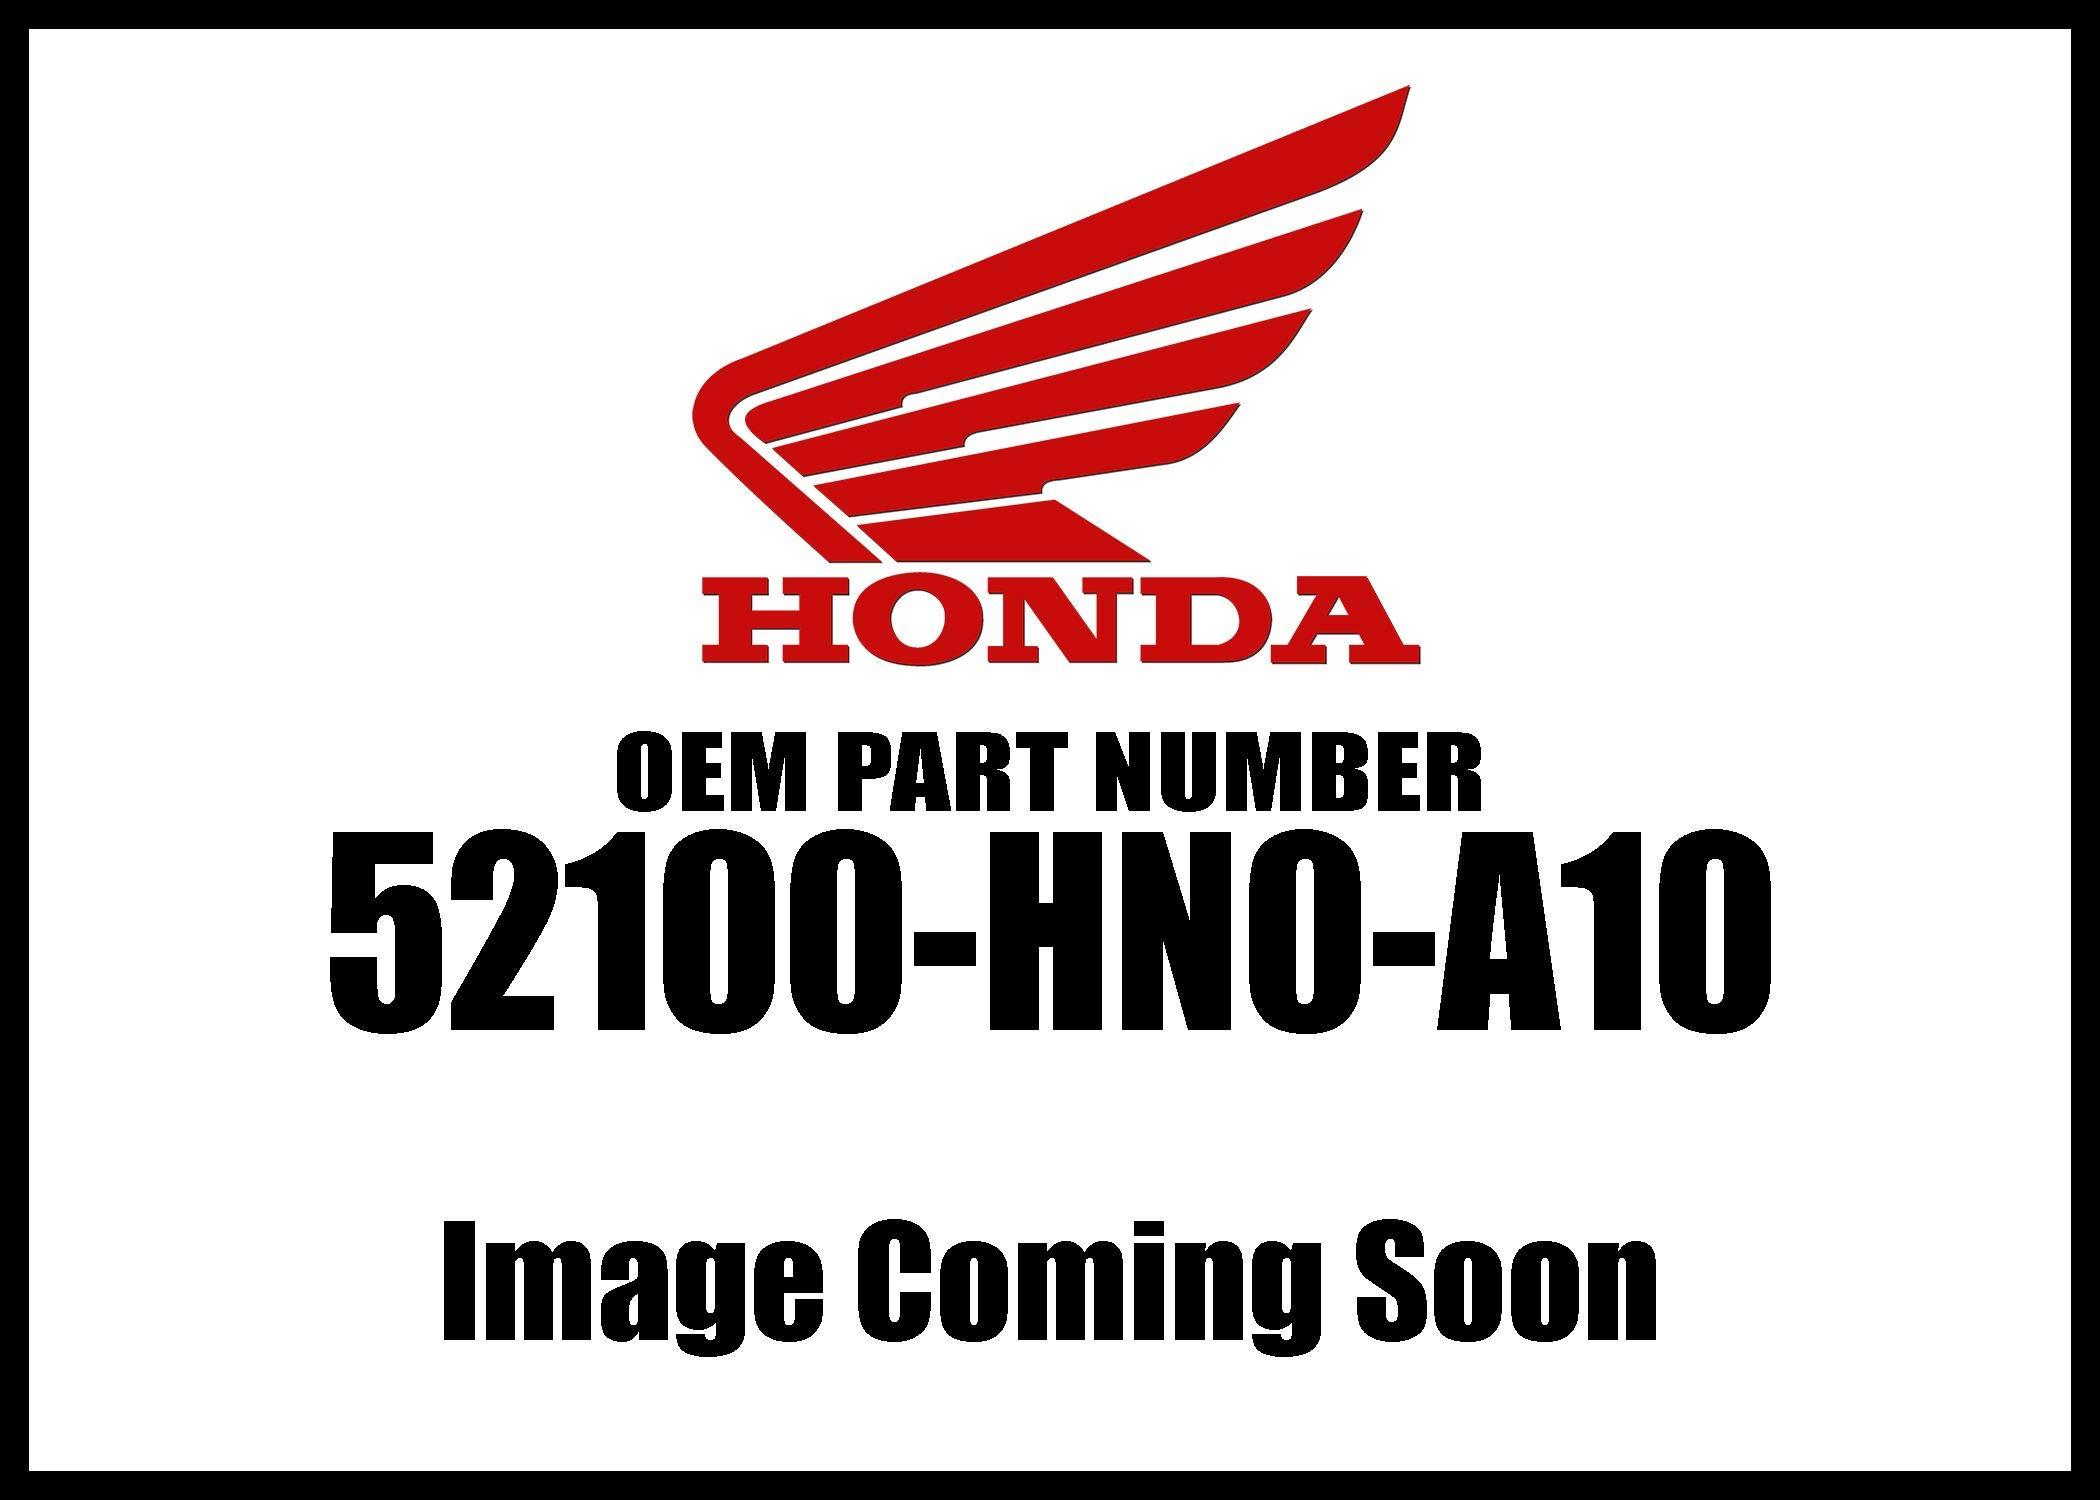 Honda 1995-2002 TRX Rear Swingarm Assembly 52100-HN0-A10 New OEM